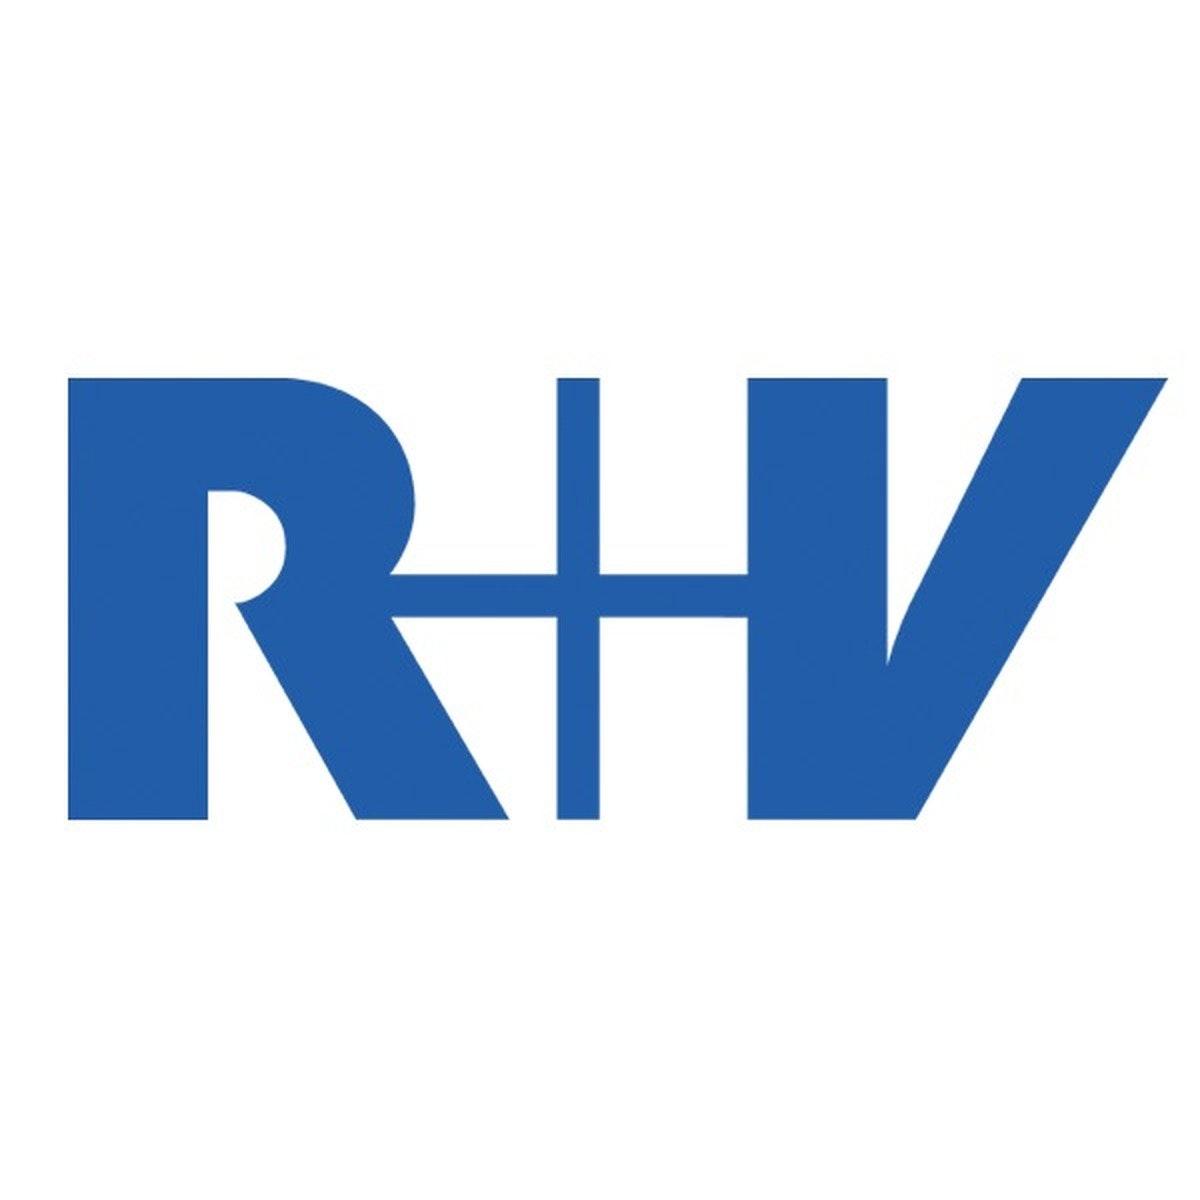 R+V Allgemeine Versicherung AG - Recruiting-Center